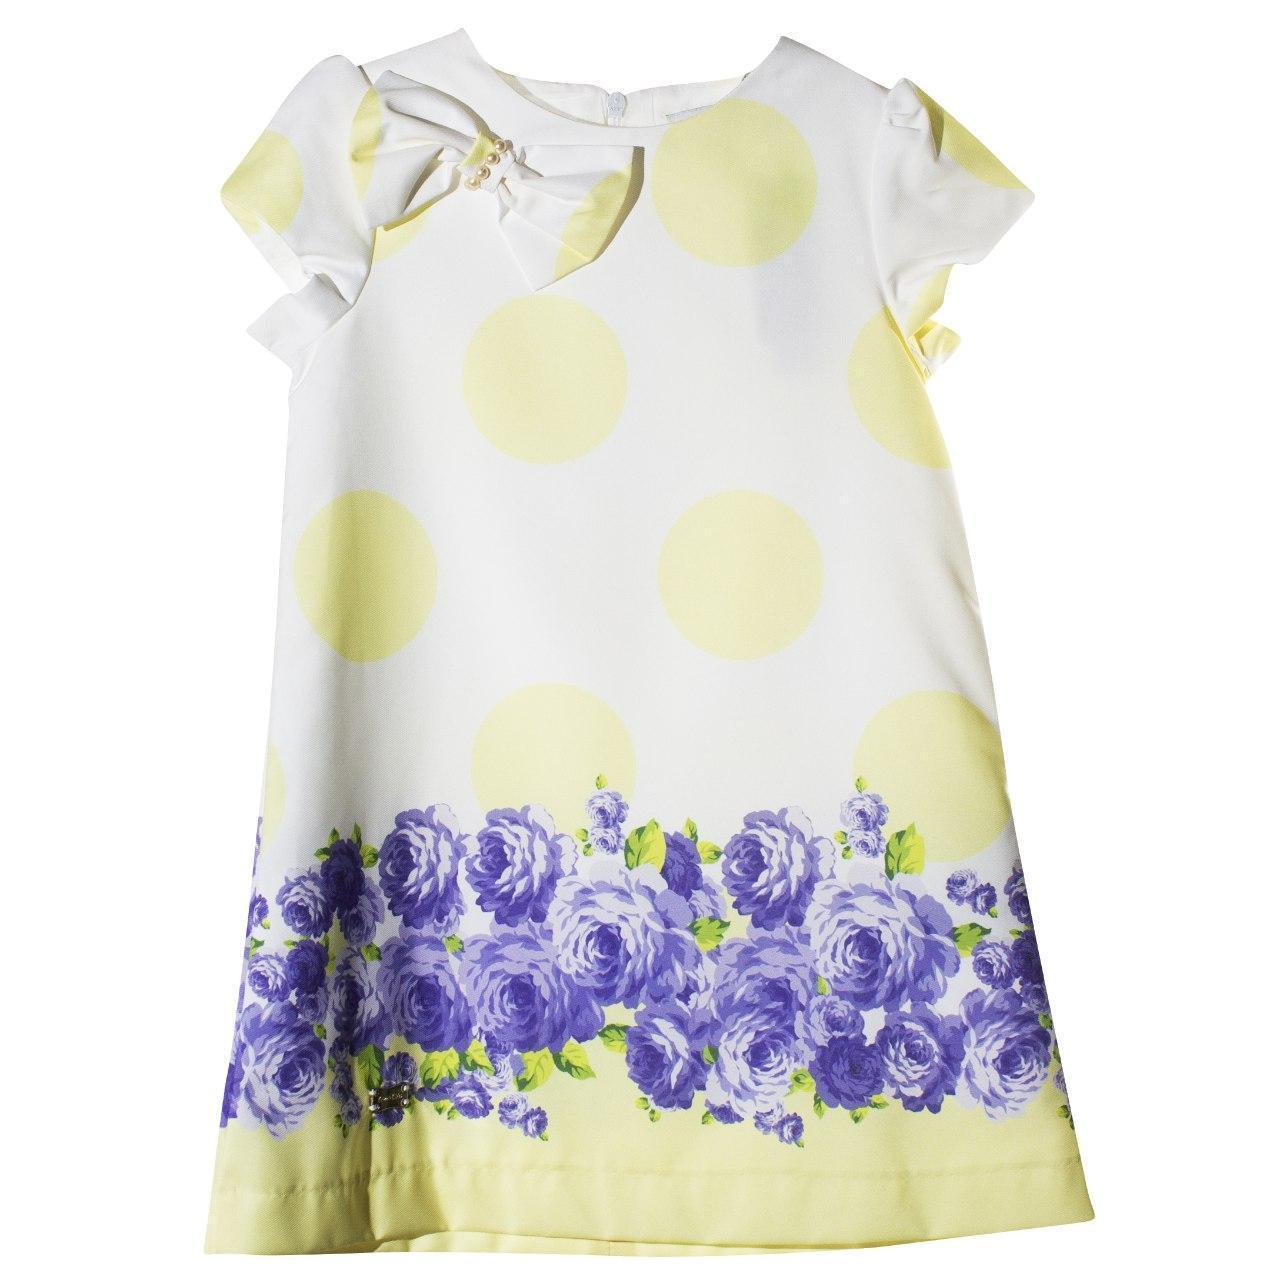 Нарядное платье для девочки, размер 2 года